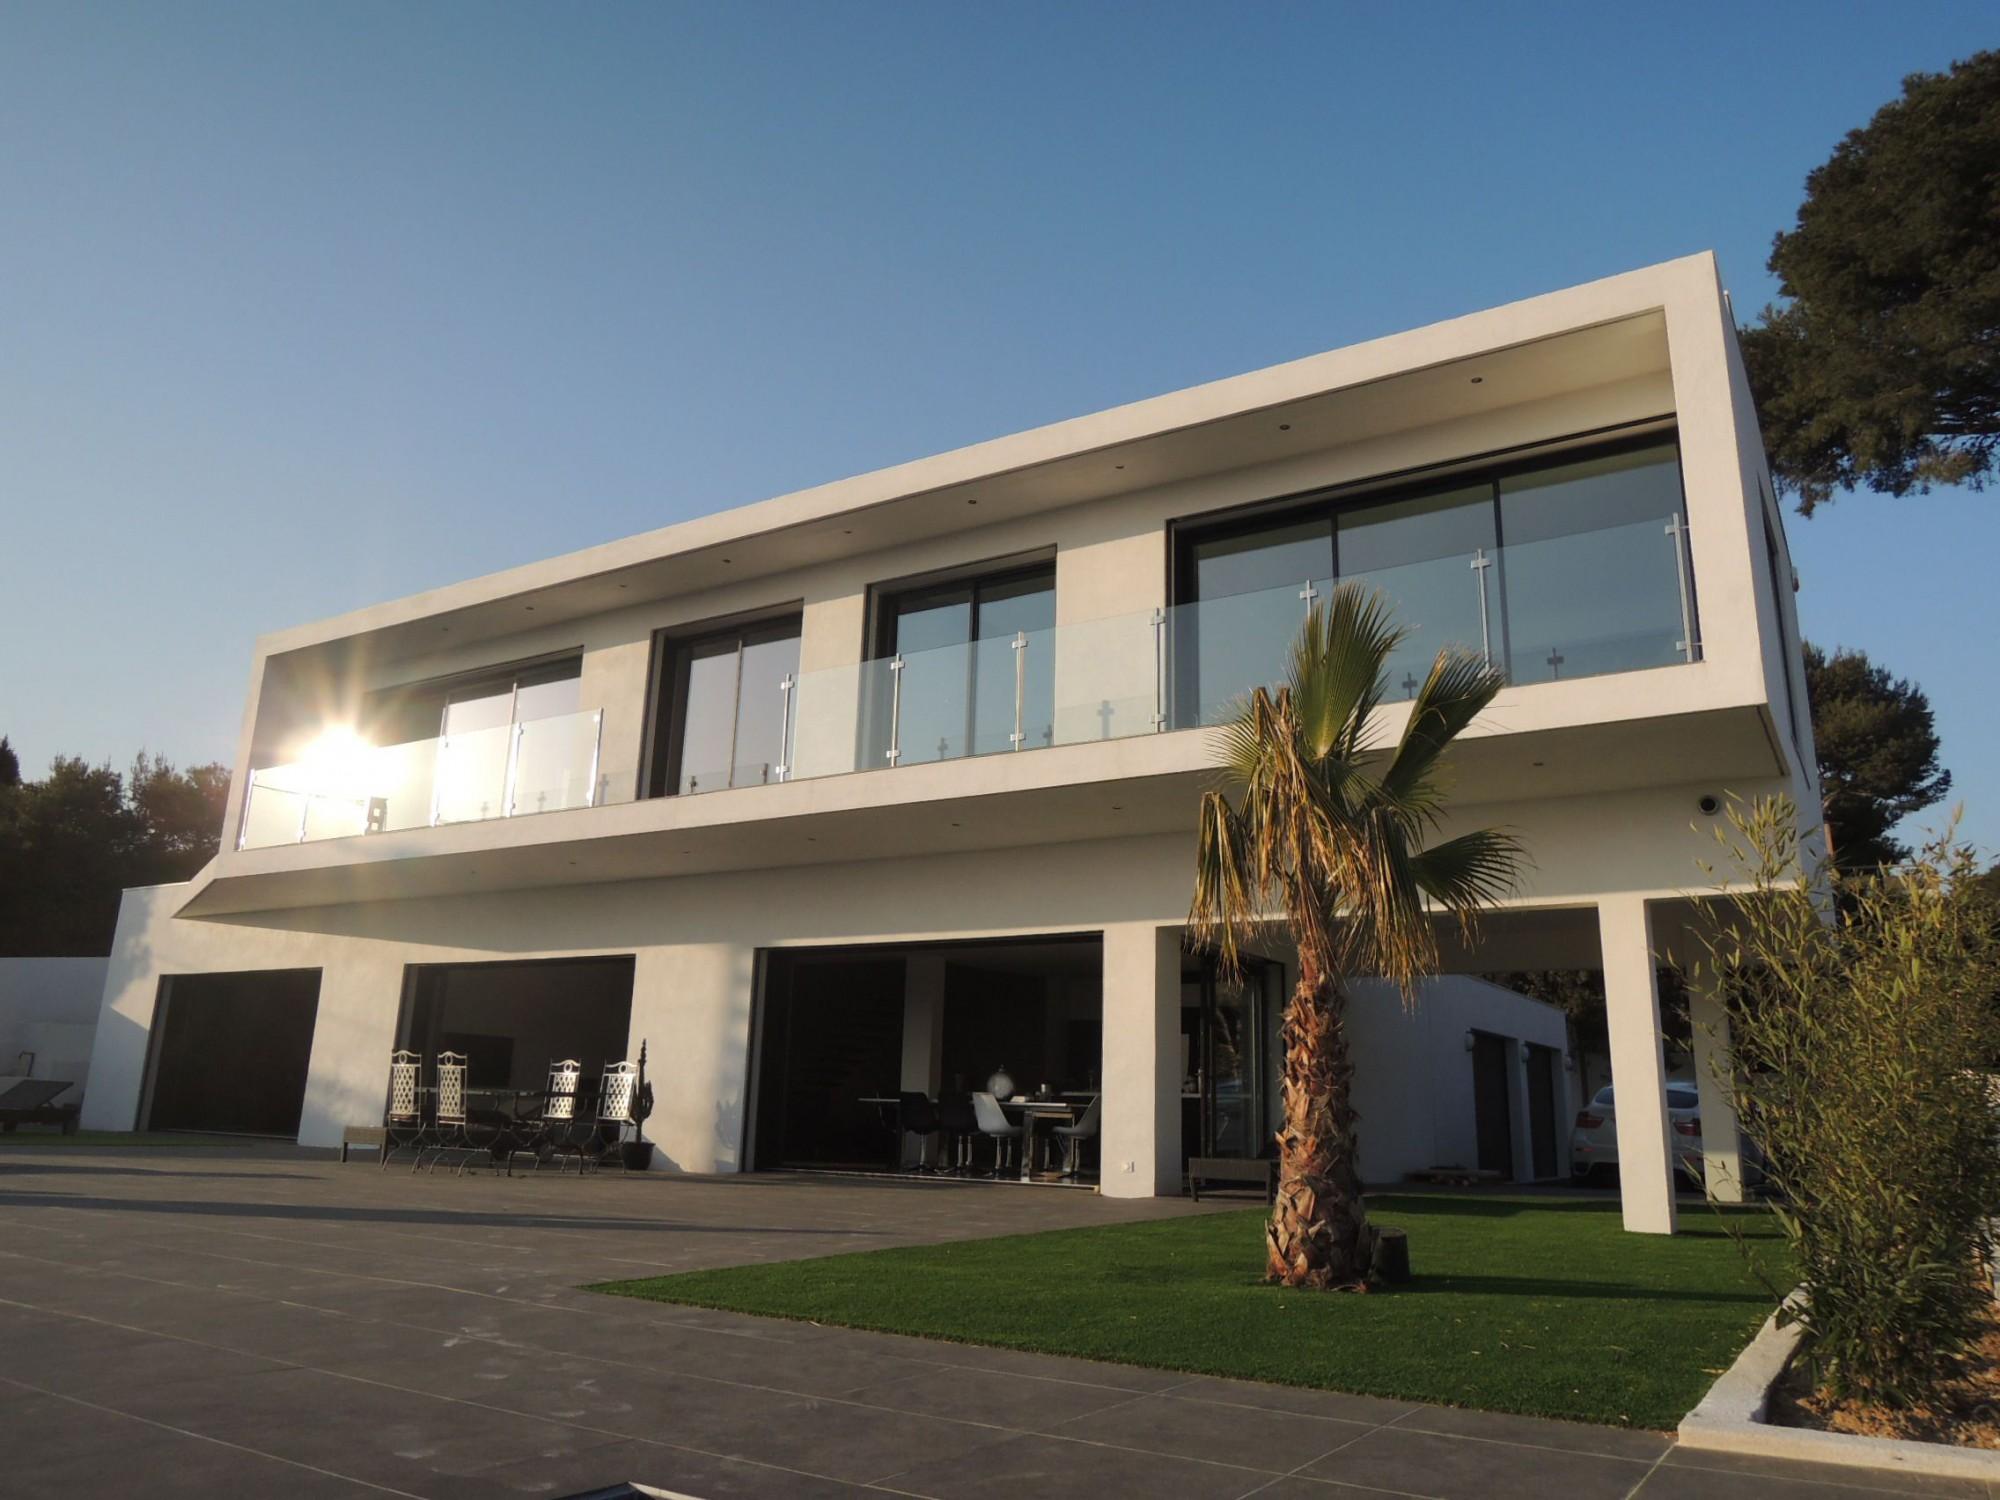 Maison Architecte Marseille Architecte Pour Maison